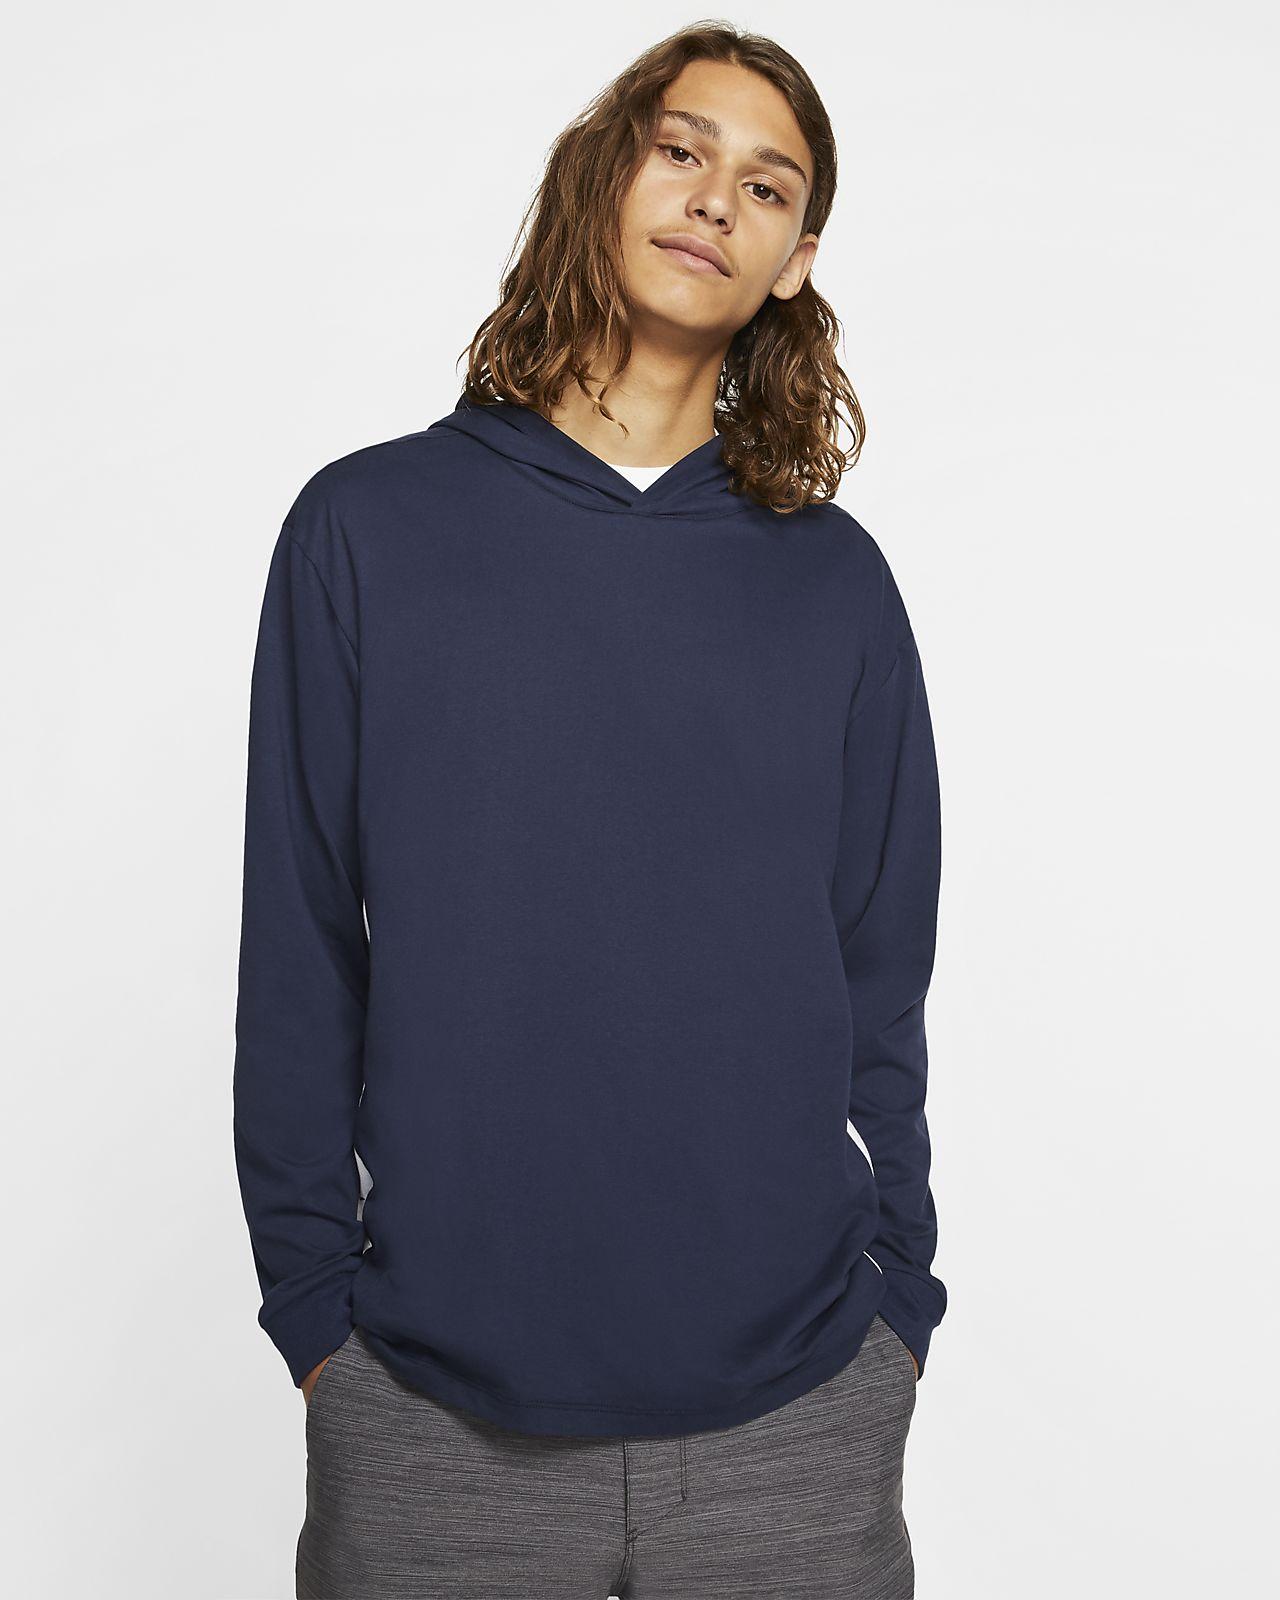 Hurley Dri-FIT Harvey Uzun Kollu Erkek Kapüşonlu Sweatshirt'ü